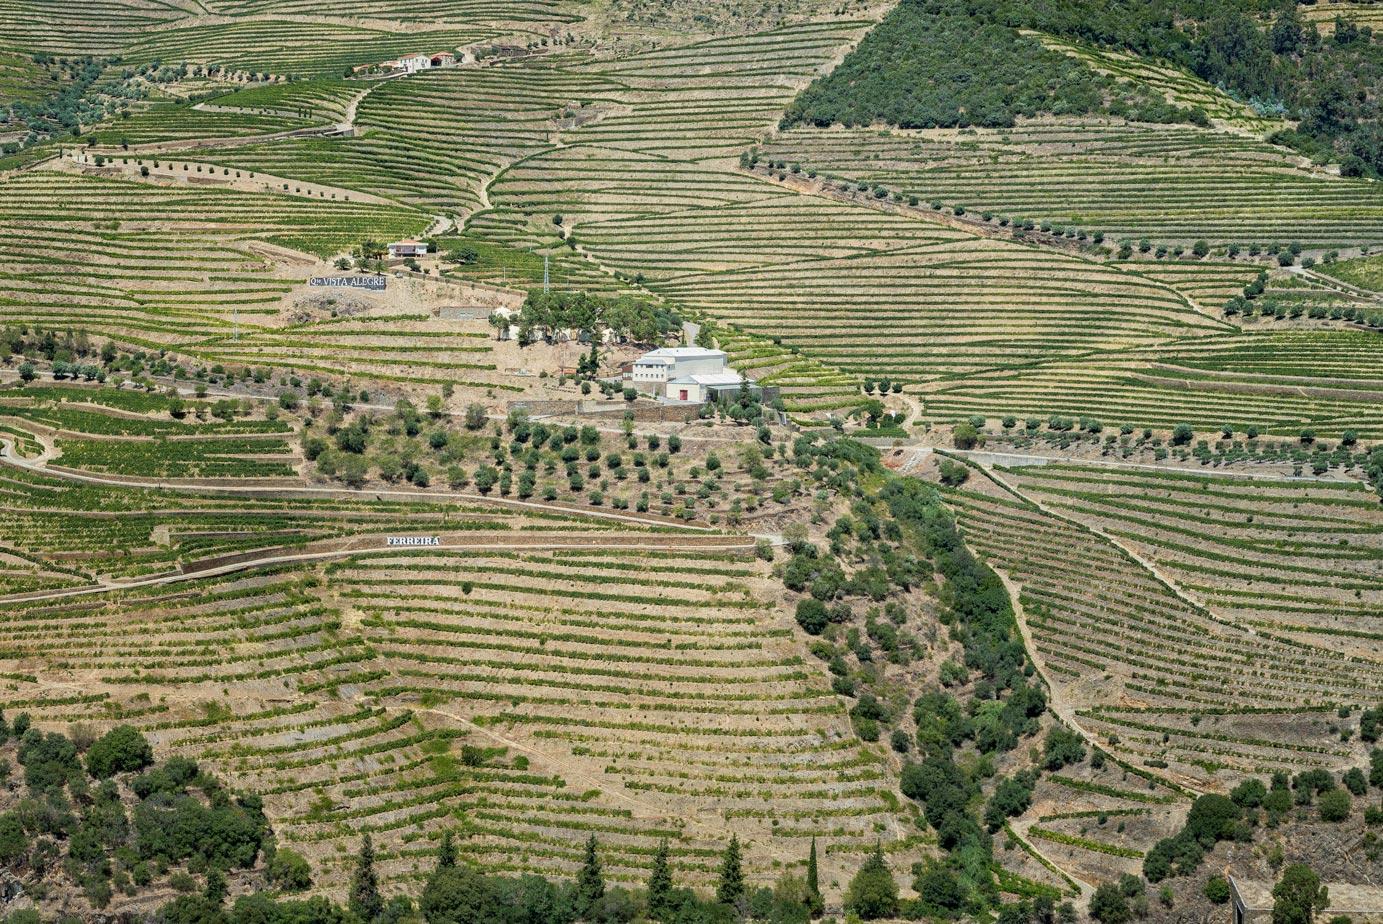 Paesaggi-Portogallo - DSC 2320 - Vigne del Douro - Vigne del Douro